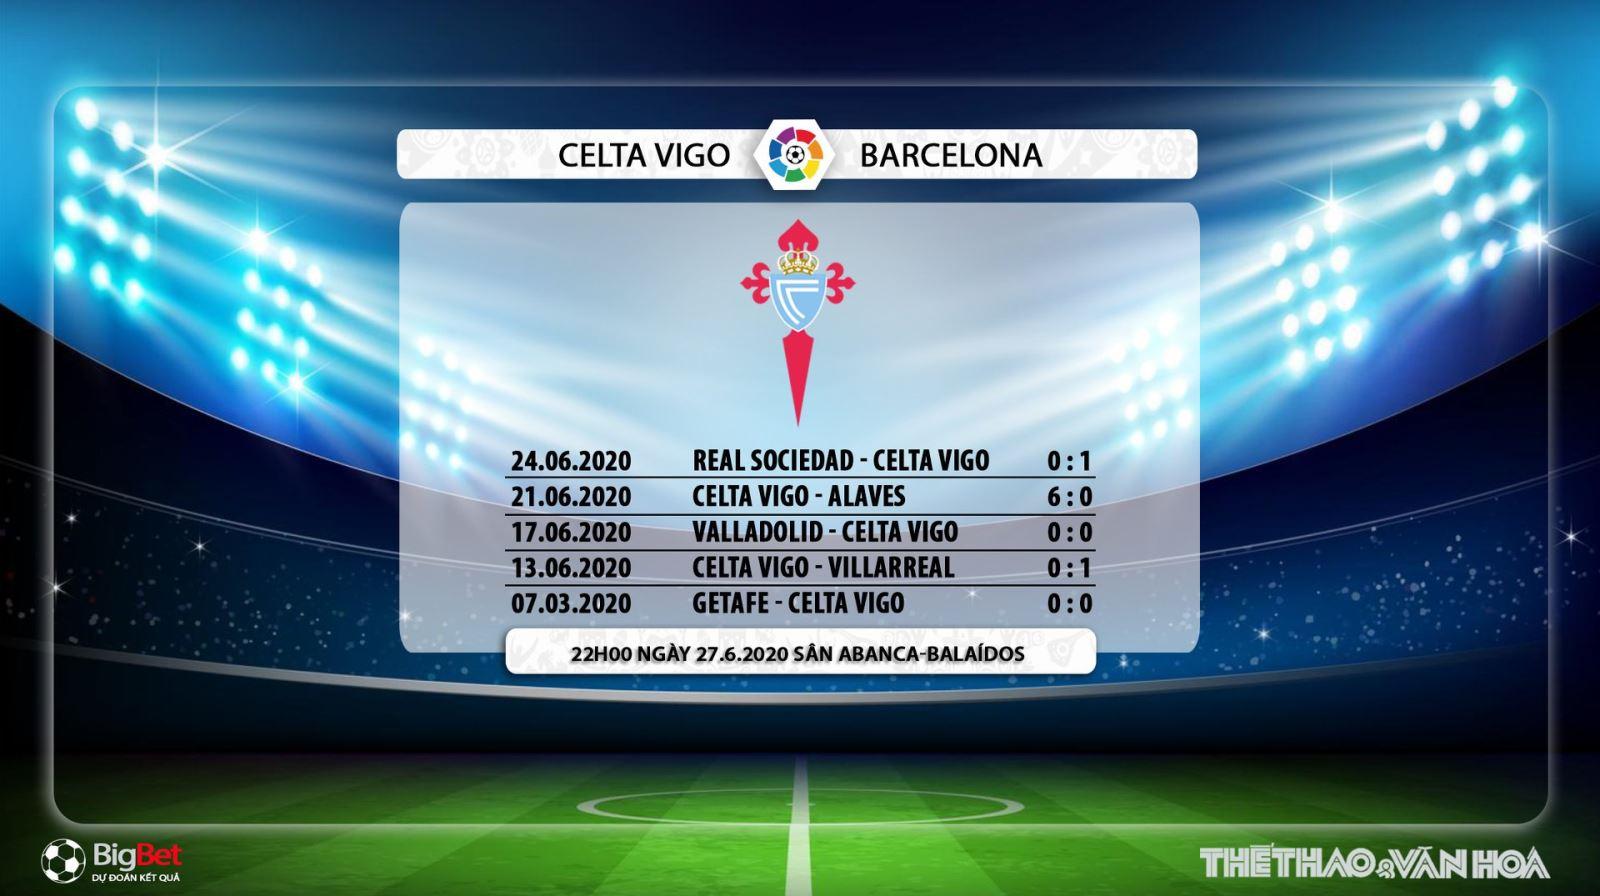 Celta Vigo vs Barcelona, Barcelona, Celta Vigo, trực tiếp bóng đá, bóng đá, lịch thi đấu, soi kèo, kèo bóng đá